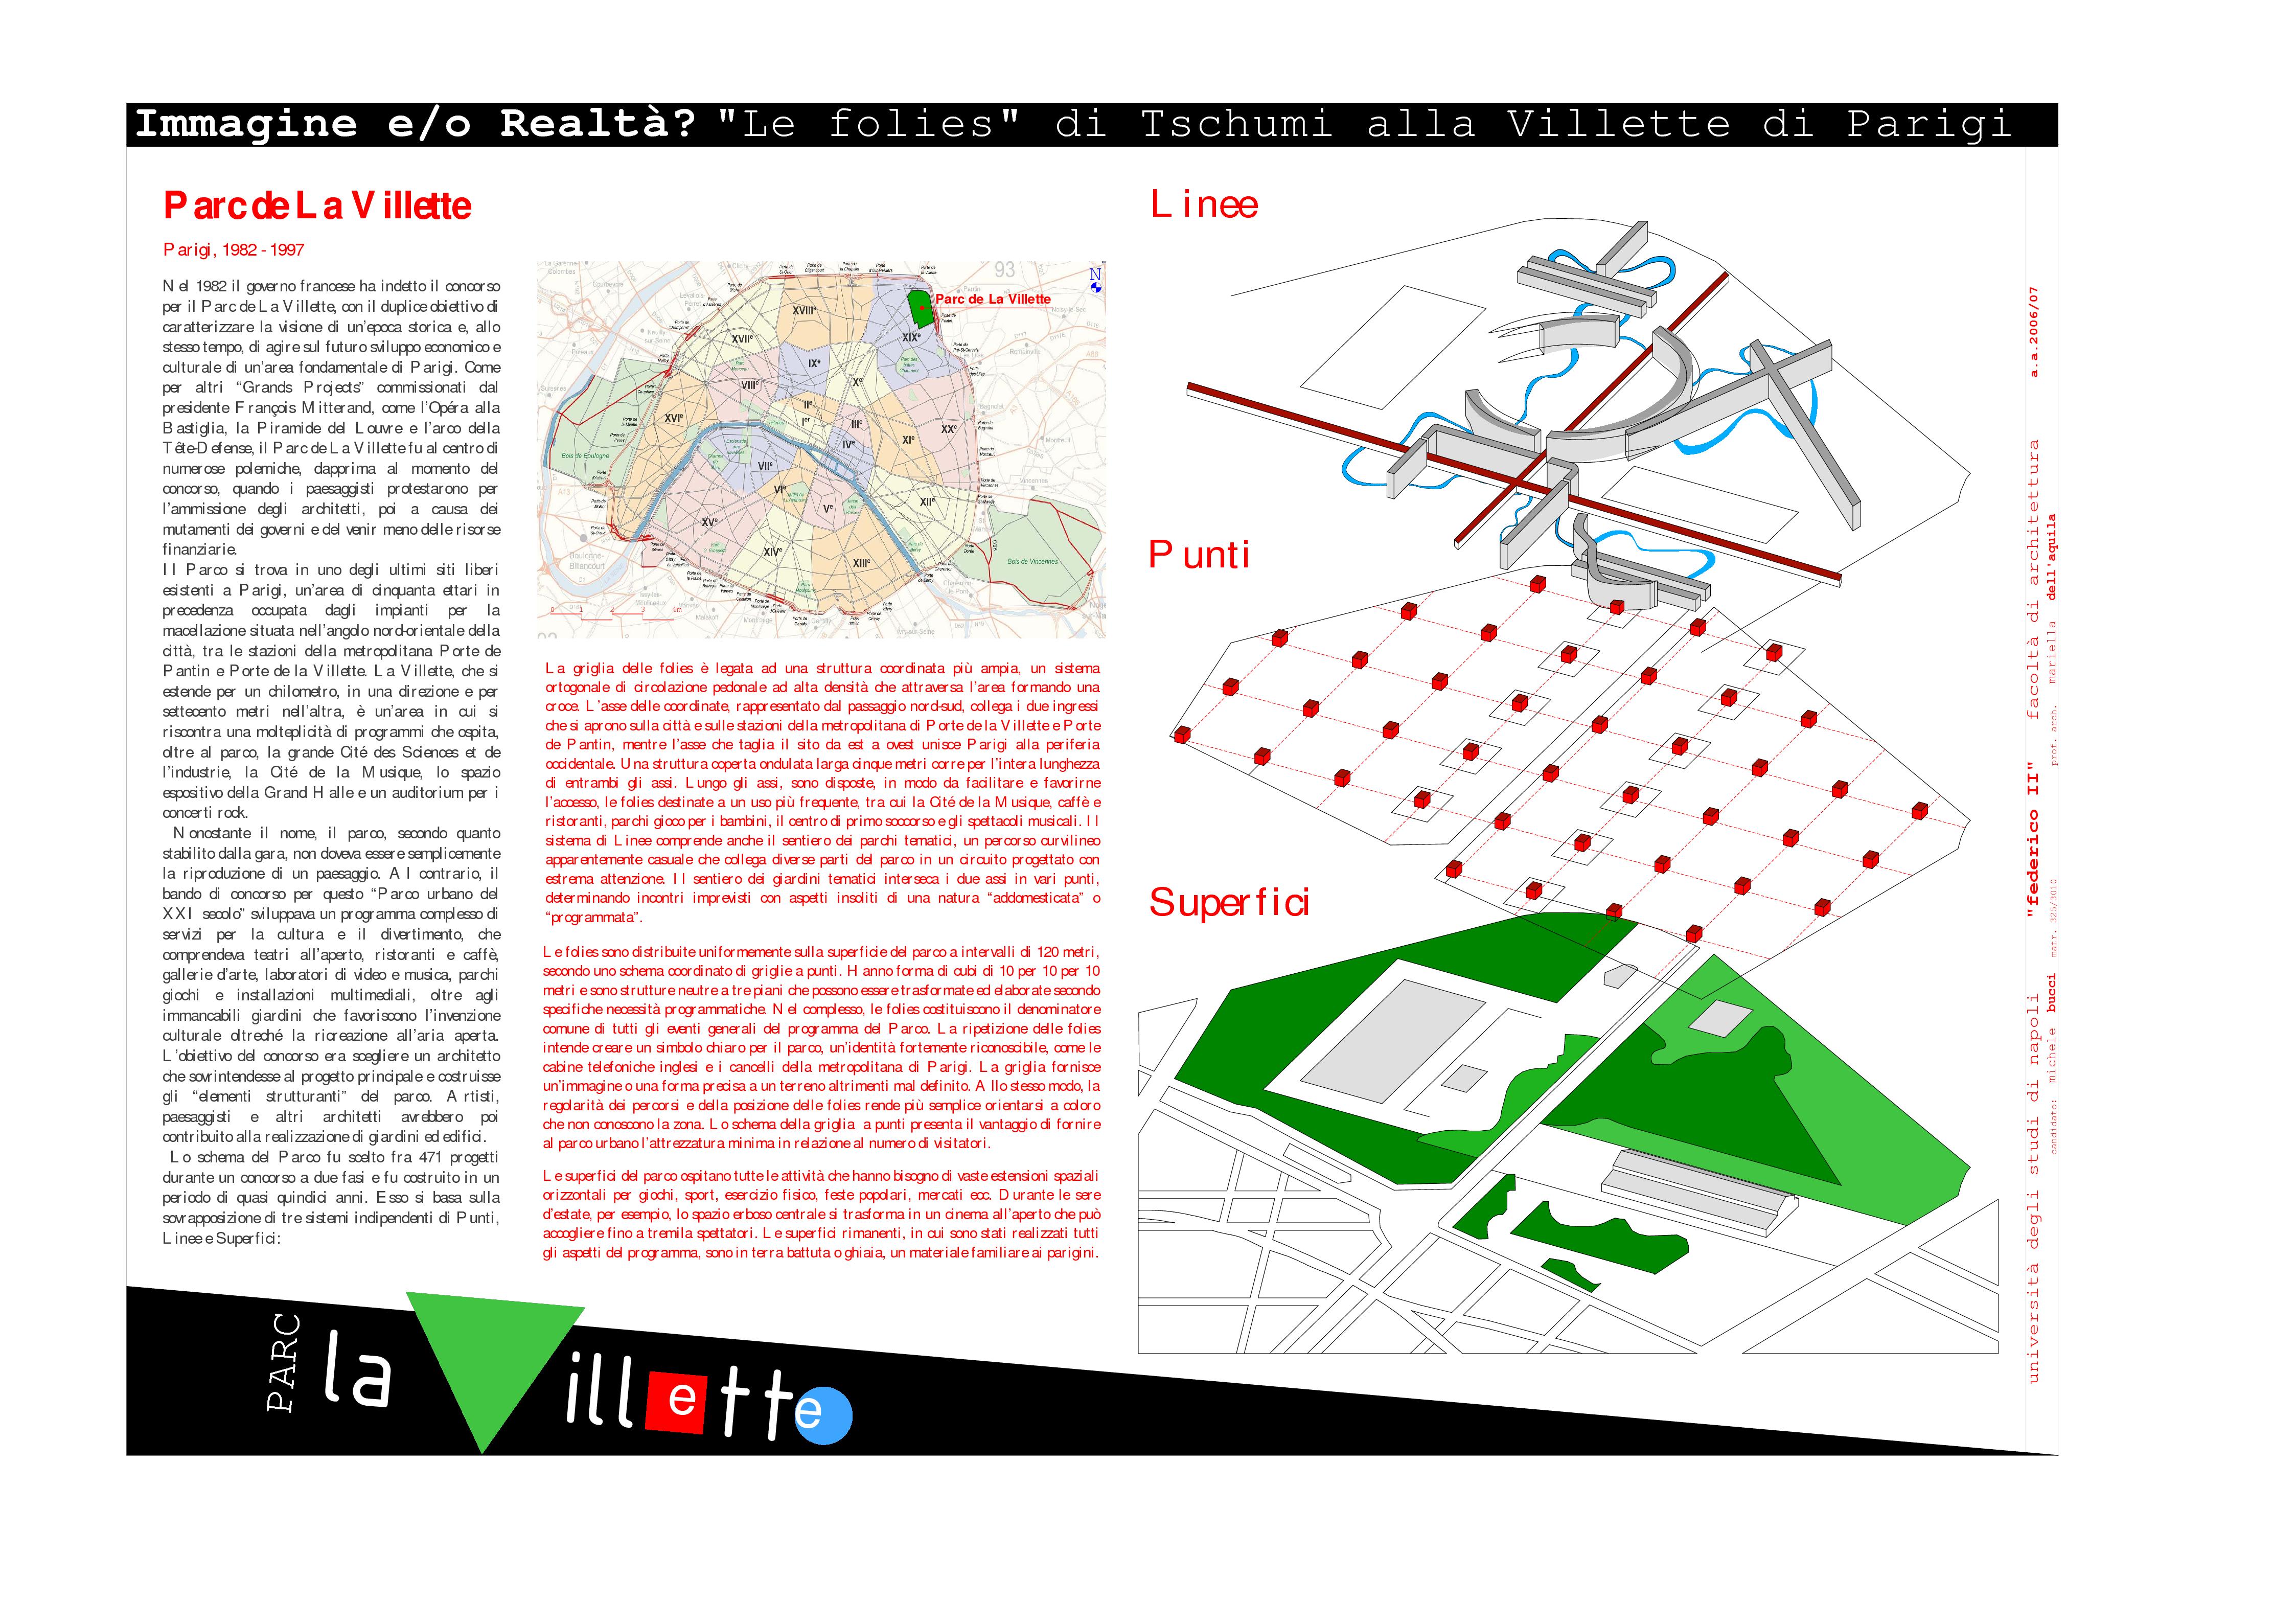 parc de la villette oma pdf